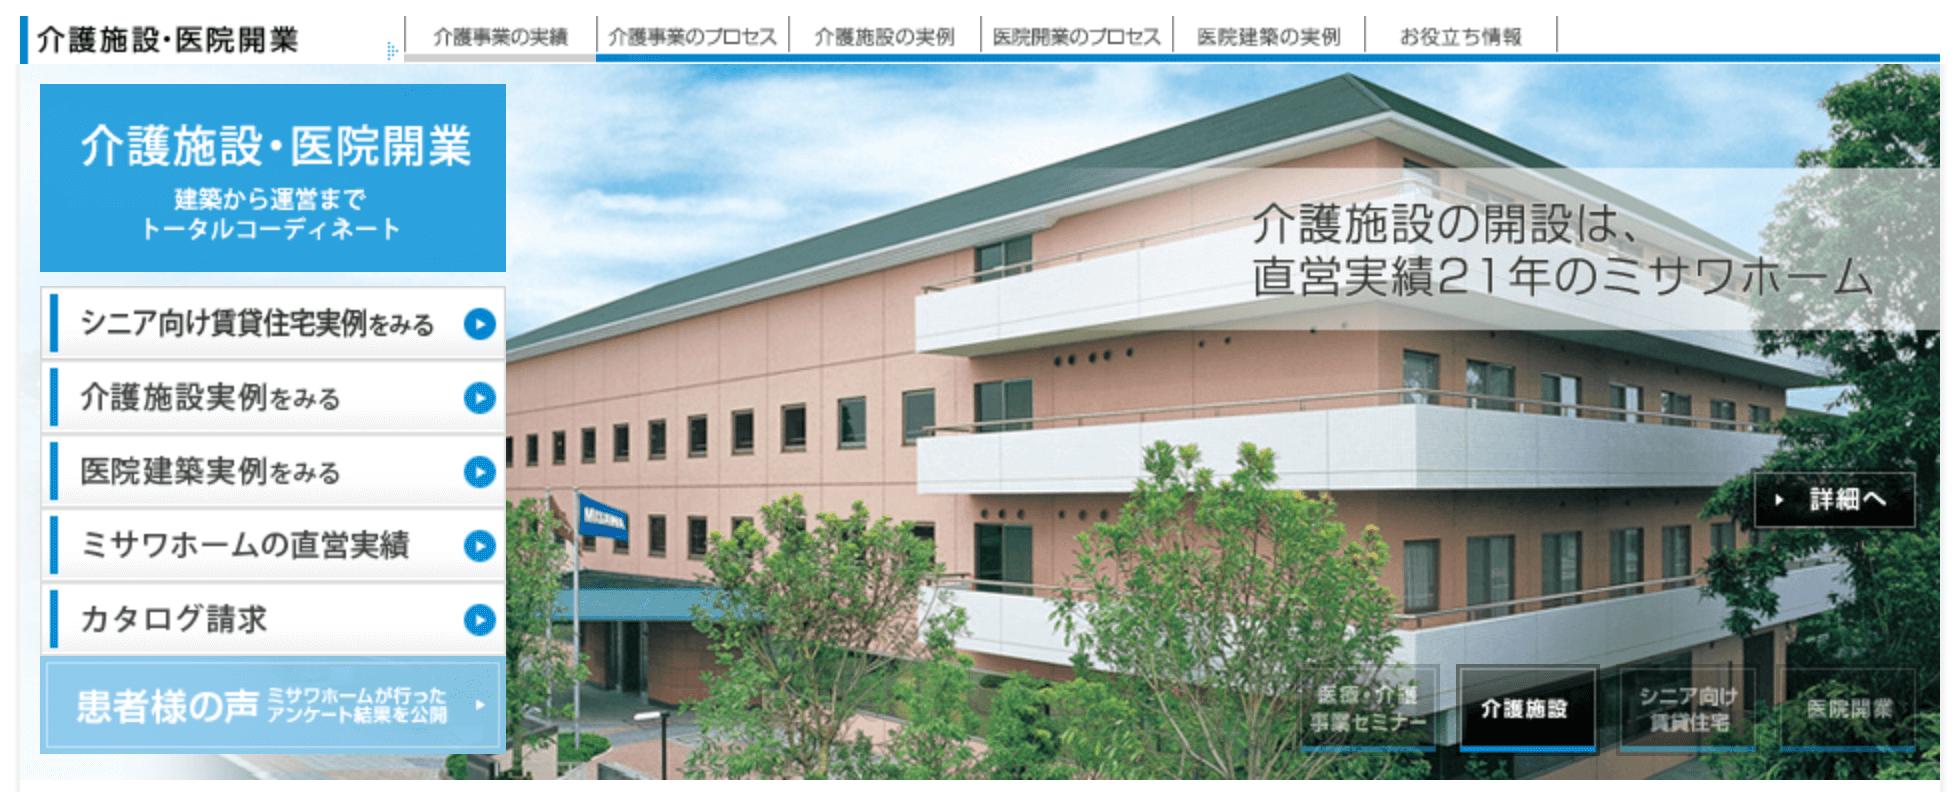 ミサワホームの介護施設・医療開業